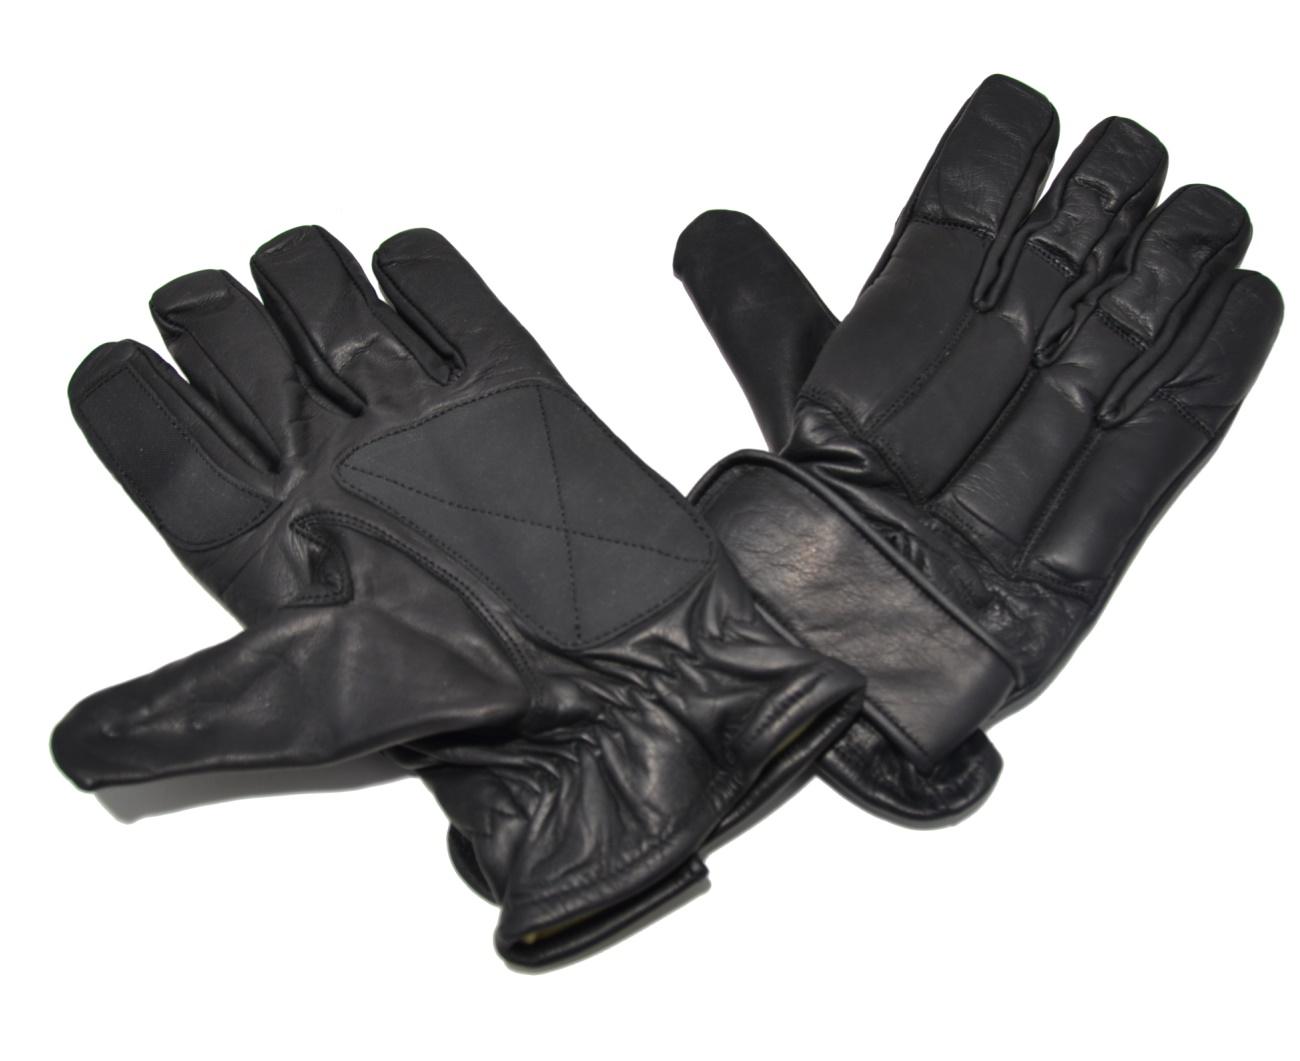 Bekleidung Security Kevlar Handschuhe aus Rindsleder und Neopren Handschuhe